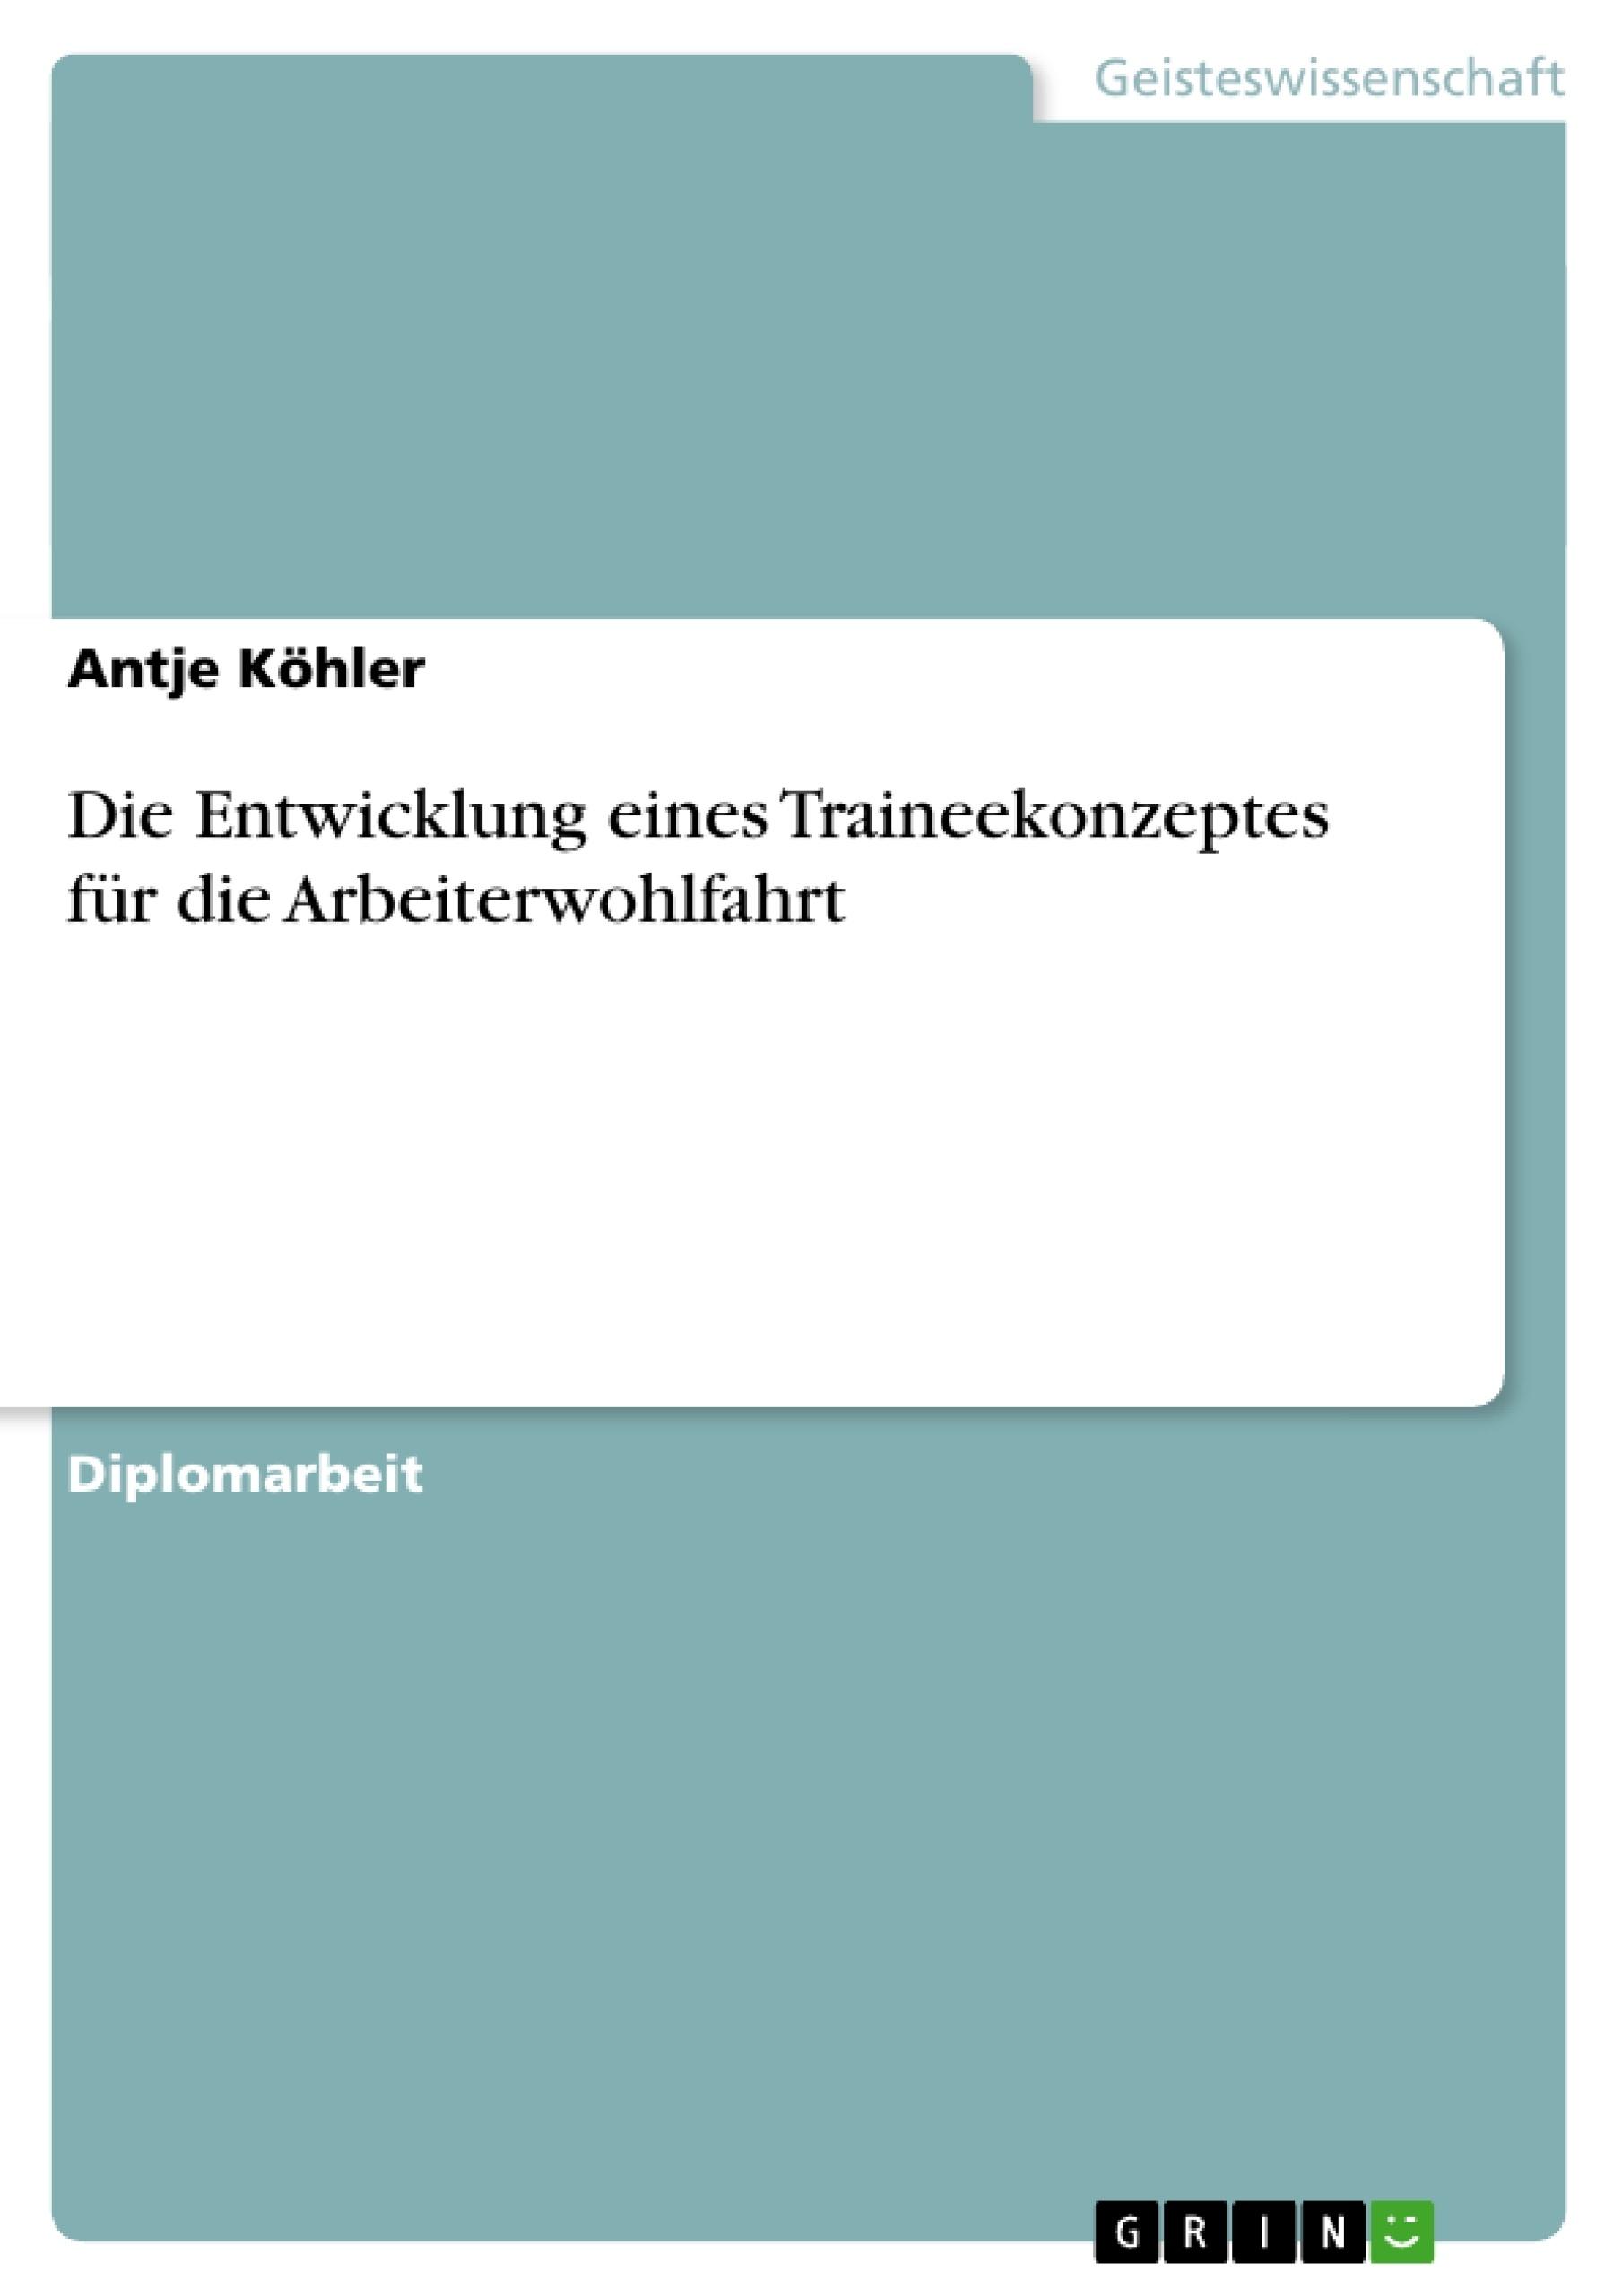 Titel: Die Entwicklung eines Traineekonzeptes für die Arbeiterwohlfahrt